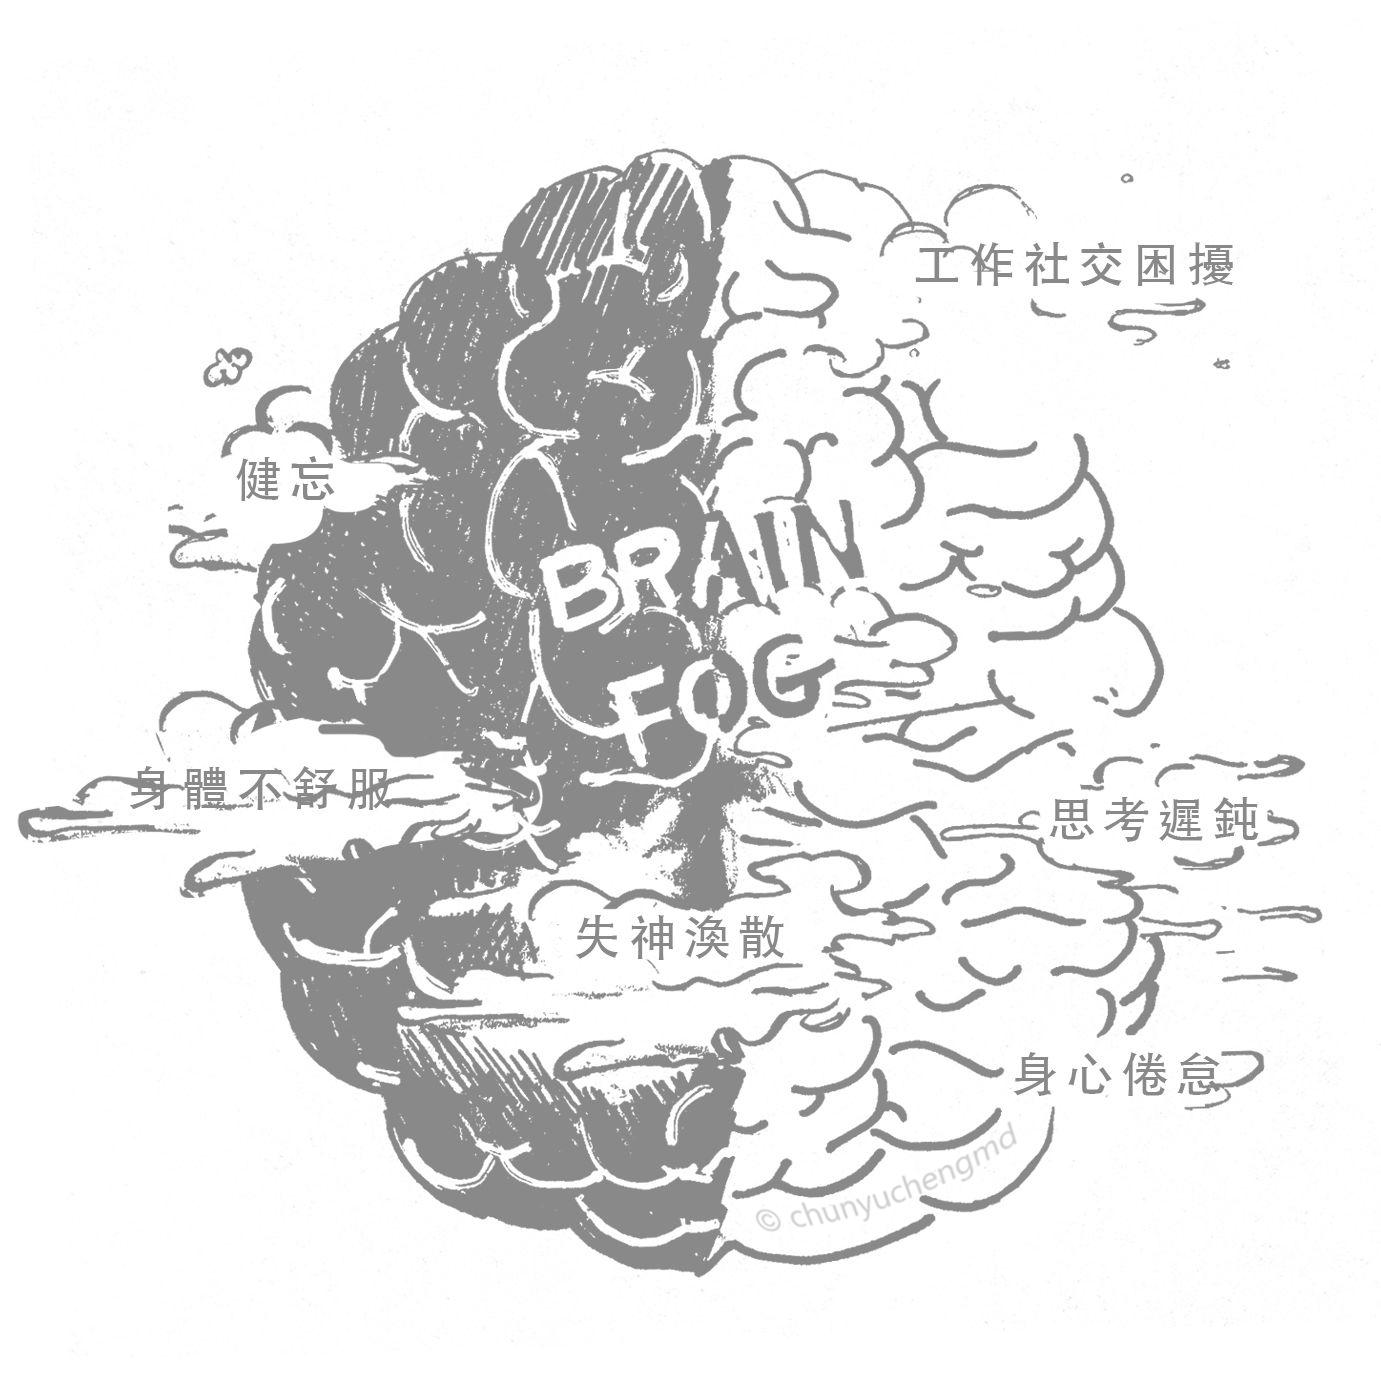 腦霧現象(Brain Fog),Brain指的是我們的「腦」,Fog就是「濃霧」的意思,是「大腦三原力」產生失調、退化的症狀表現。